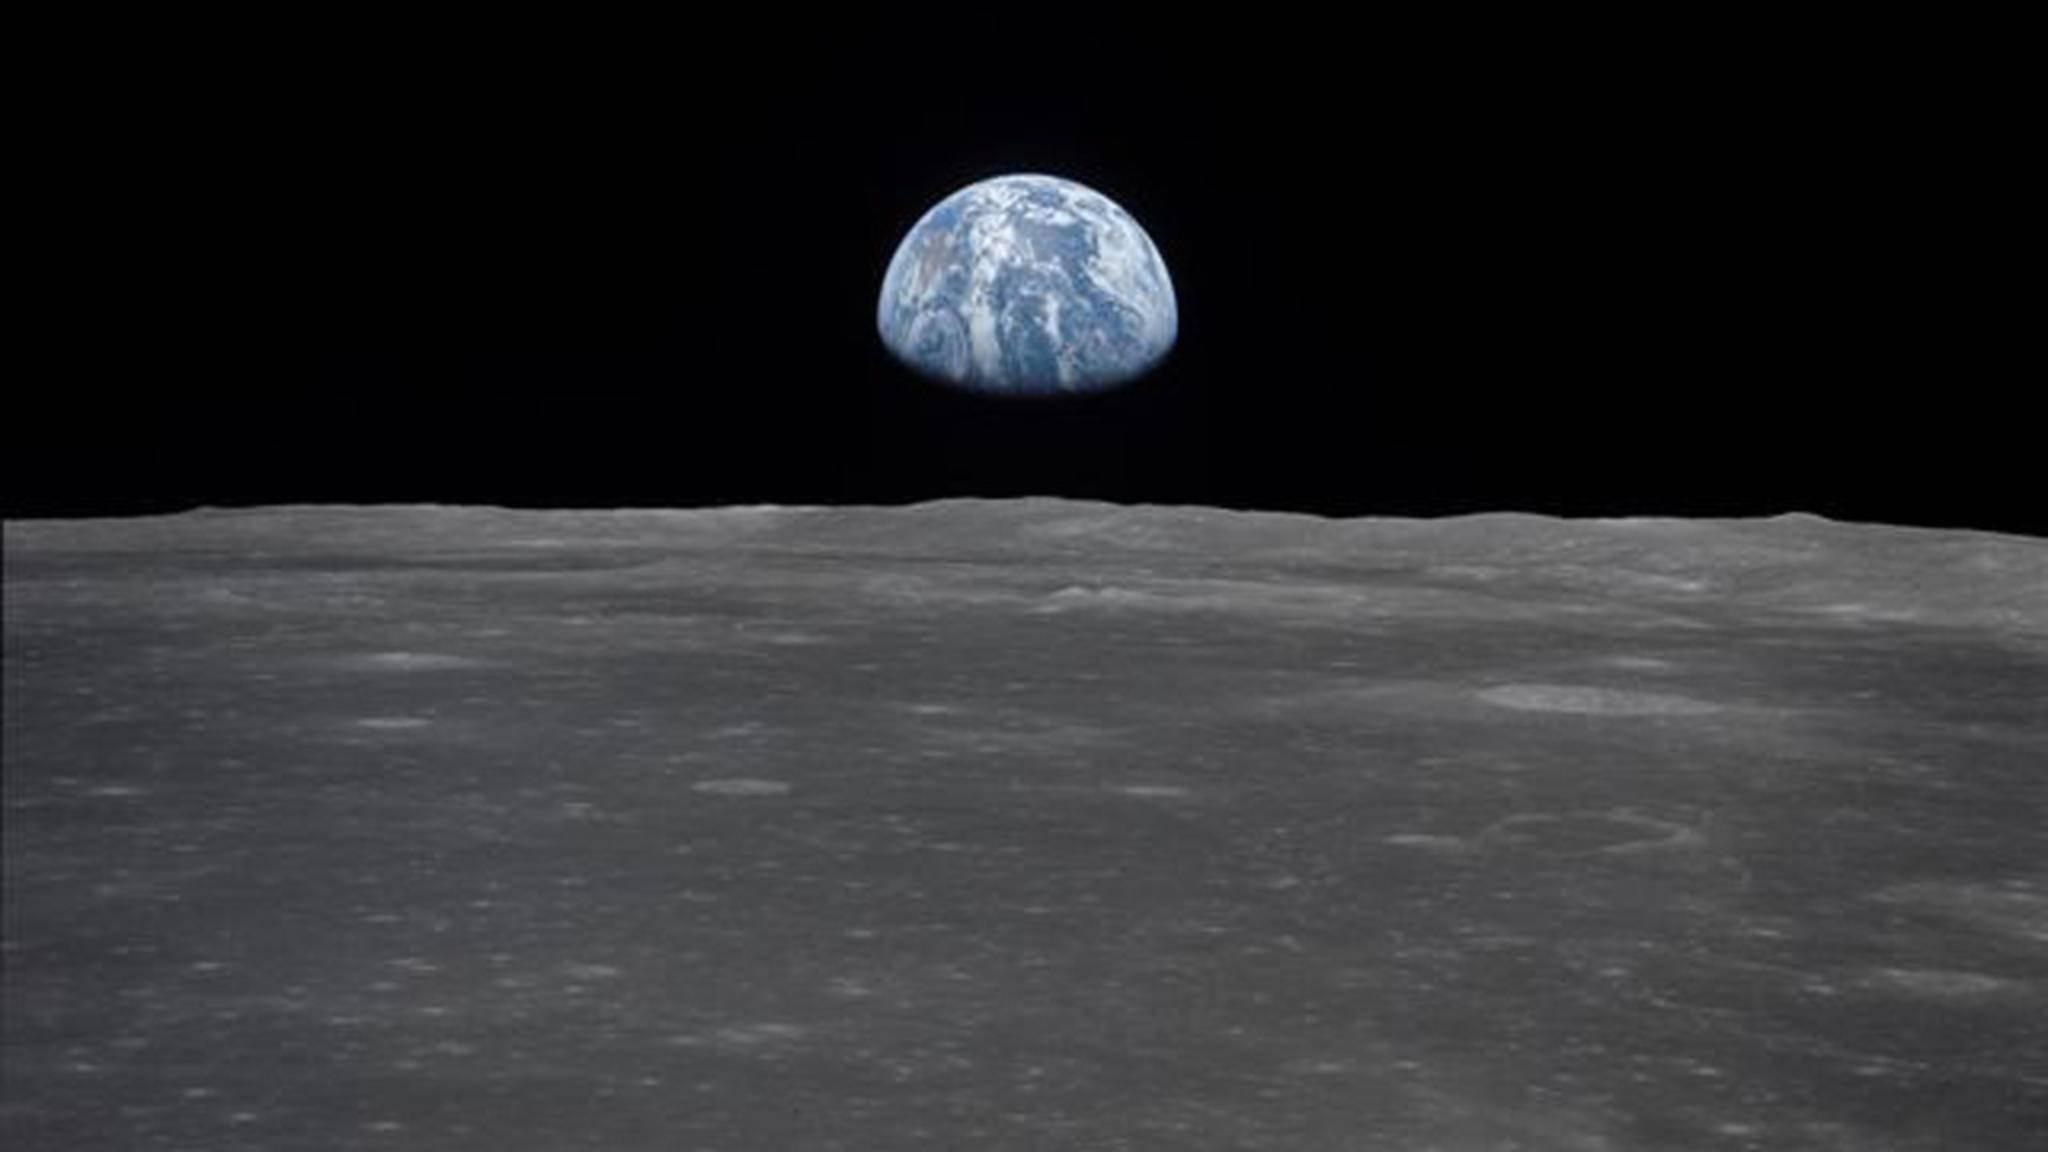 Spektakuläre Aufnahmen: Zur Mondlandung der Apollo-11-Mission gibt es nicht nur tolle Bilder, sondern auch jede Menge passende Songs!